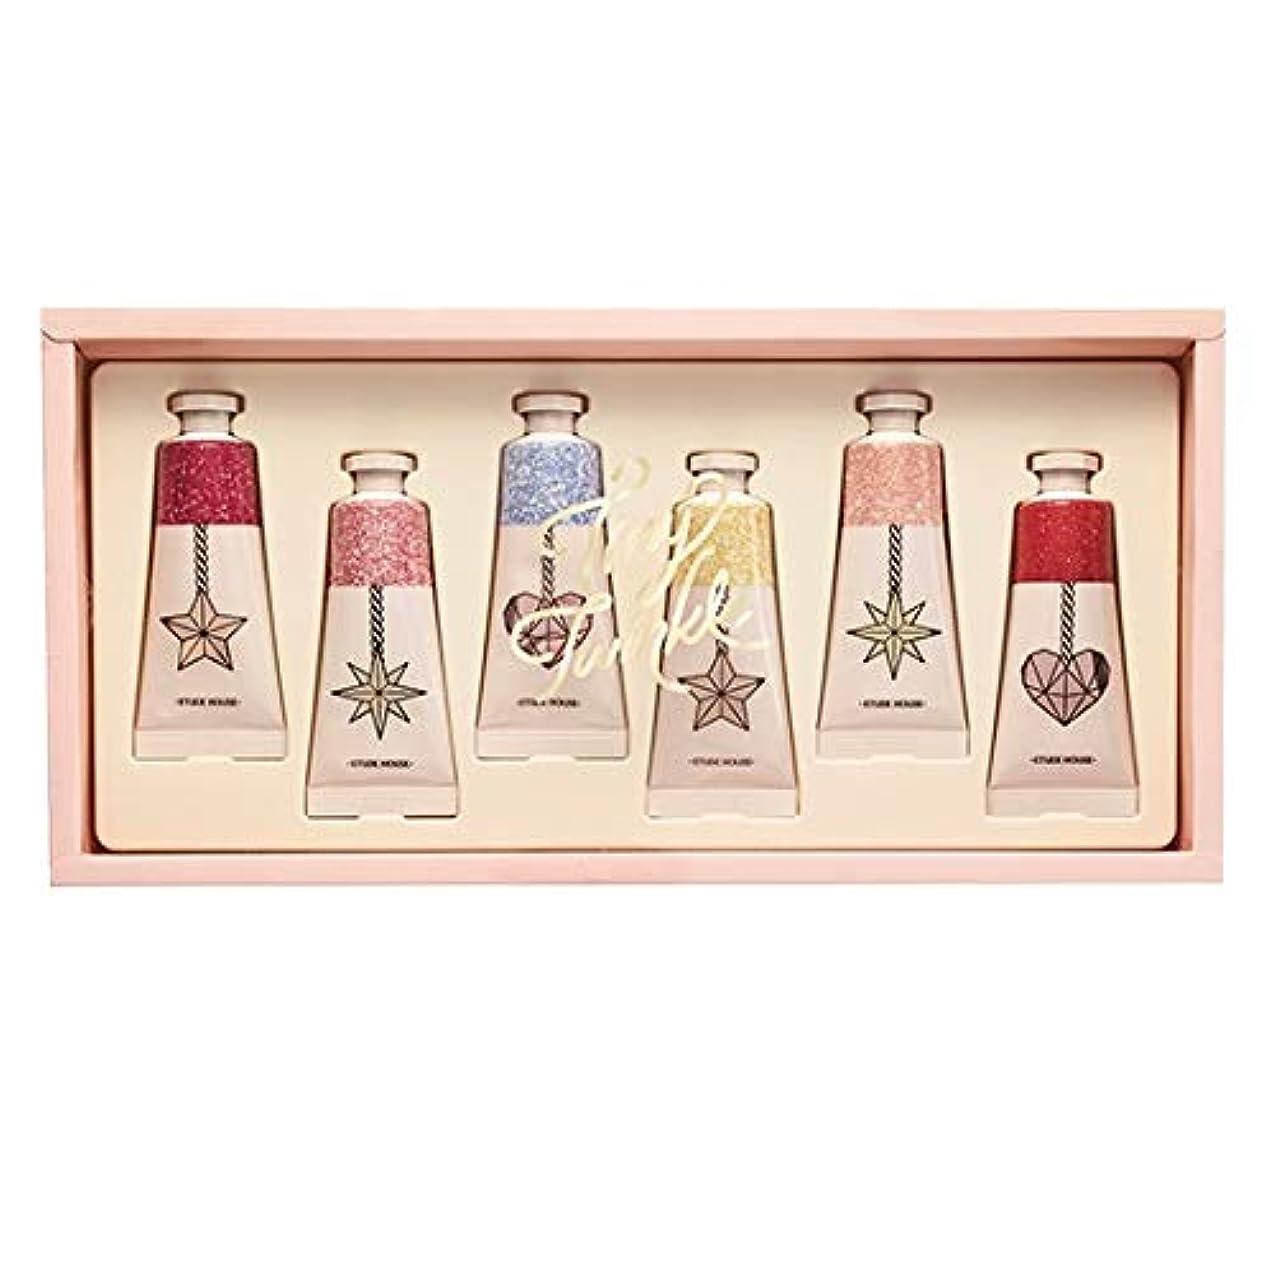 感心する絶えず伝染病エチュードハウス タイニー トゥインクル カラーフル セント パフュームド ハンドクリーム/ETUDE HOUSE Tiny Twinkle Colorful Scent Perfumed Handcream 6PCS...